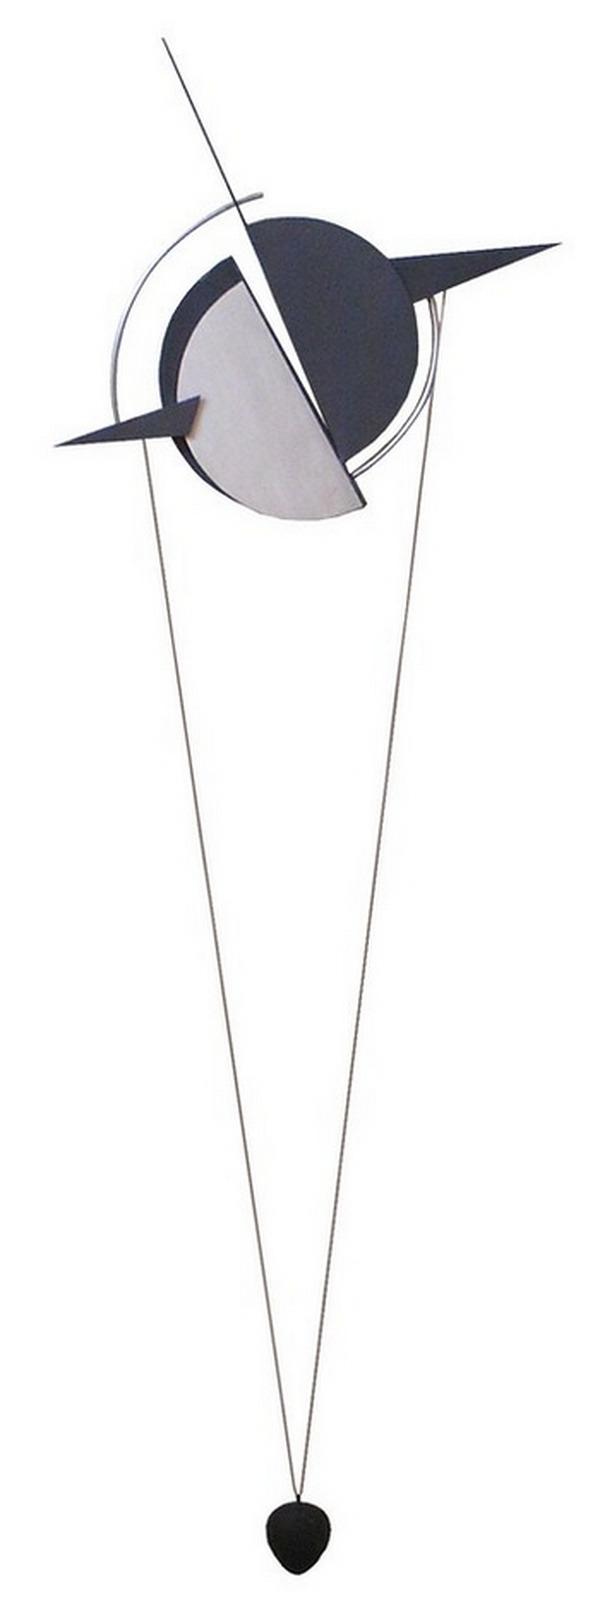 Cortese-Franco-amuleto-per-lo-spacio-nº3-hierro-brunido-piedra-y-arcilla-158cm-x-70cm-x-9cm-2001